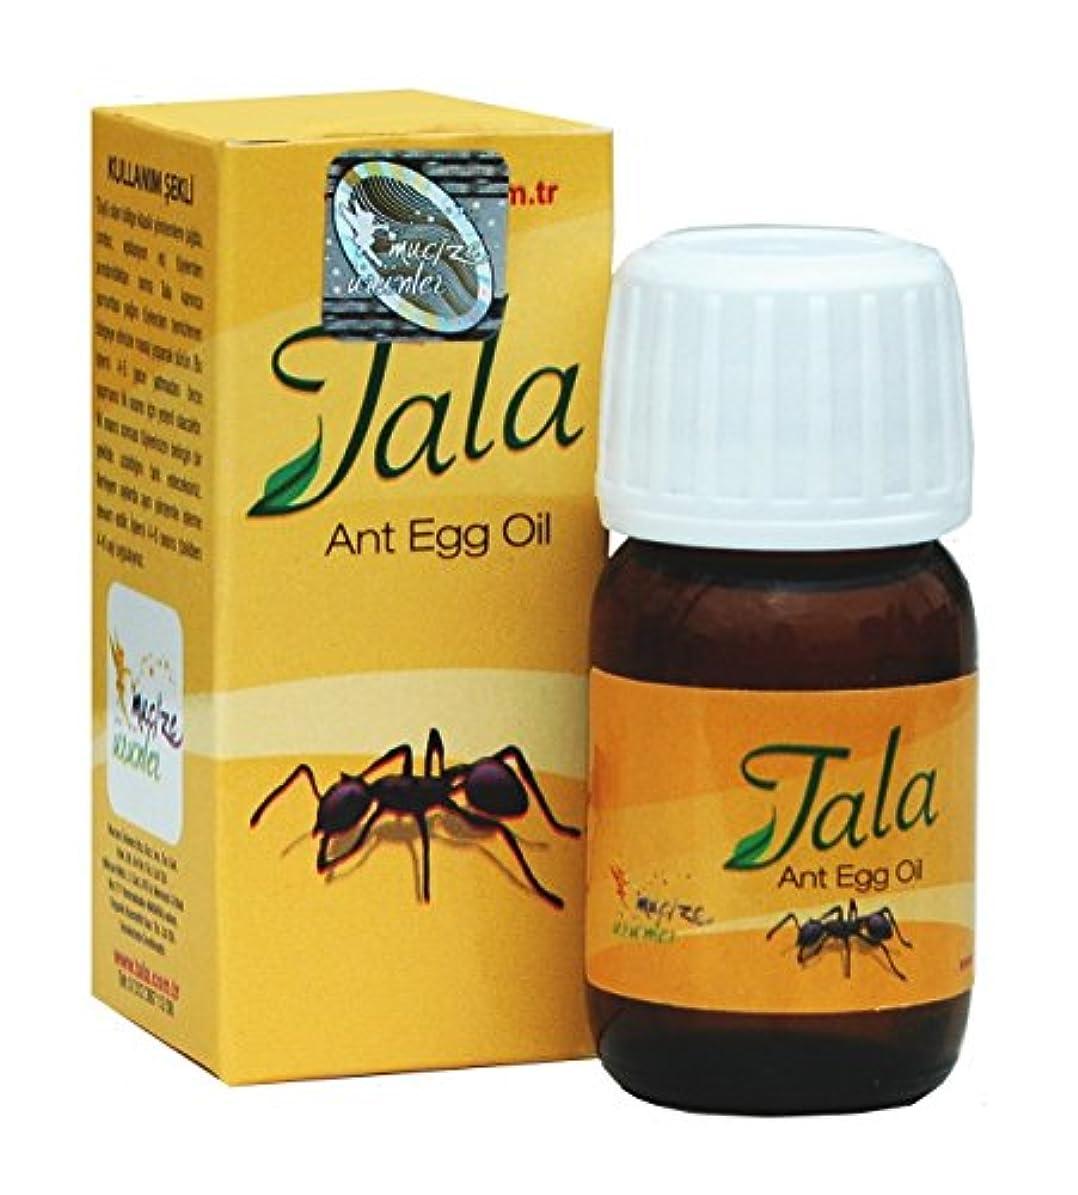 マーチャンダイジング一部回転Tala Ant Egg Oil (アリ脱毛オイル) 20 ml [並行輸入品]